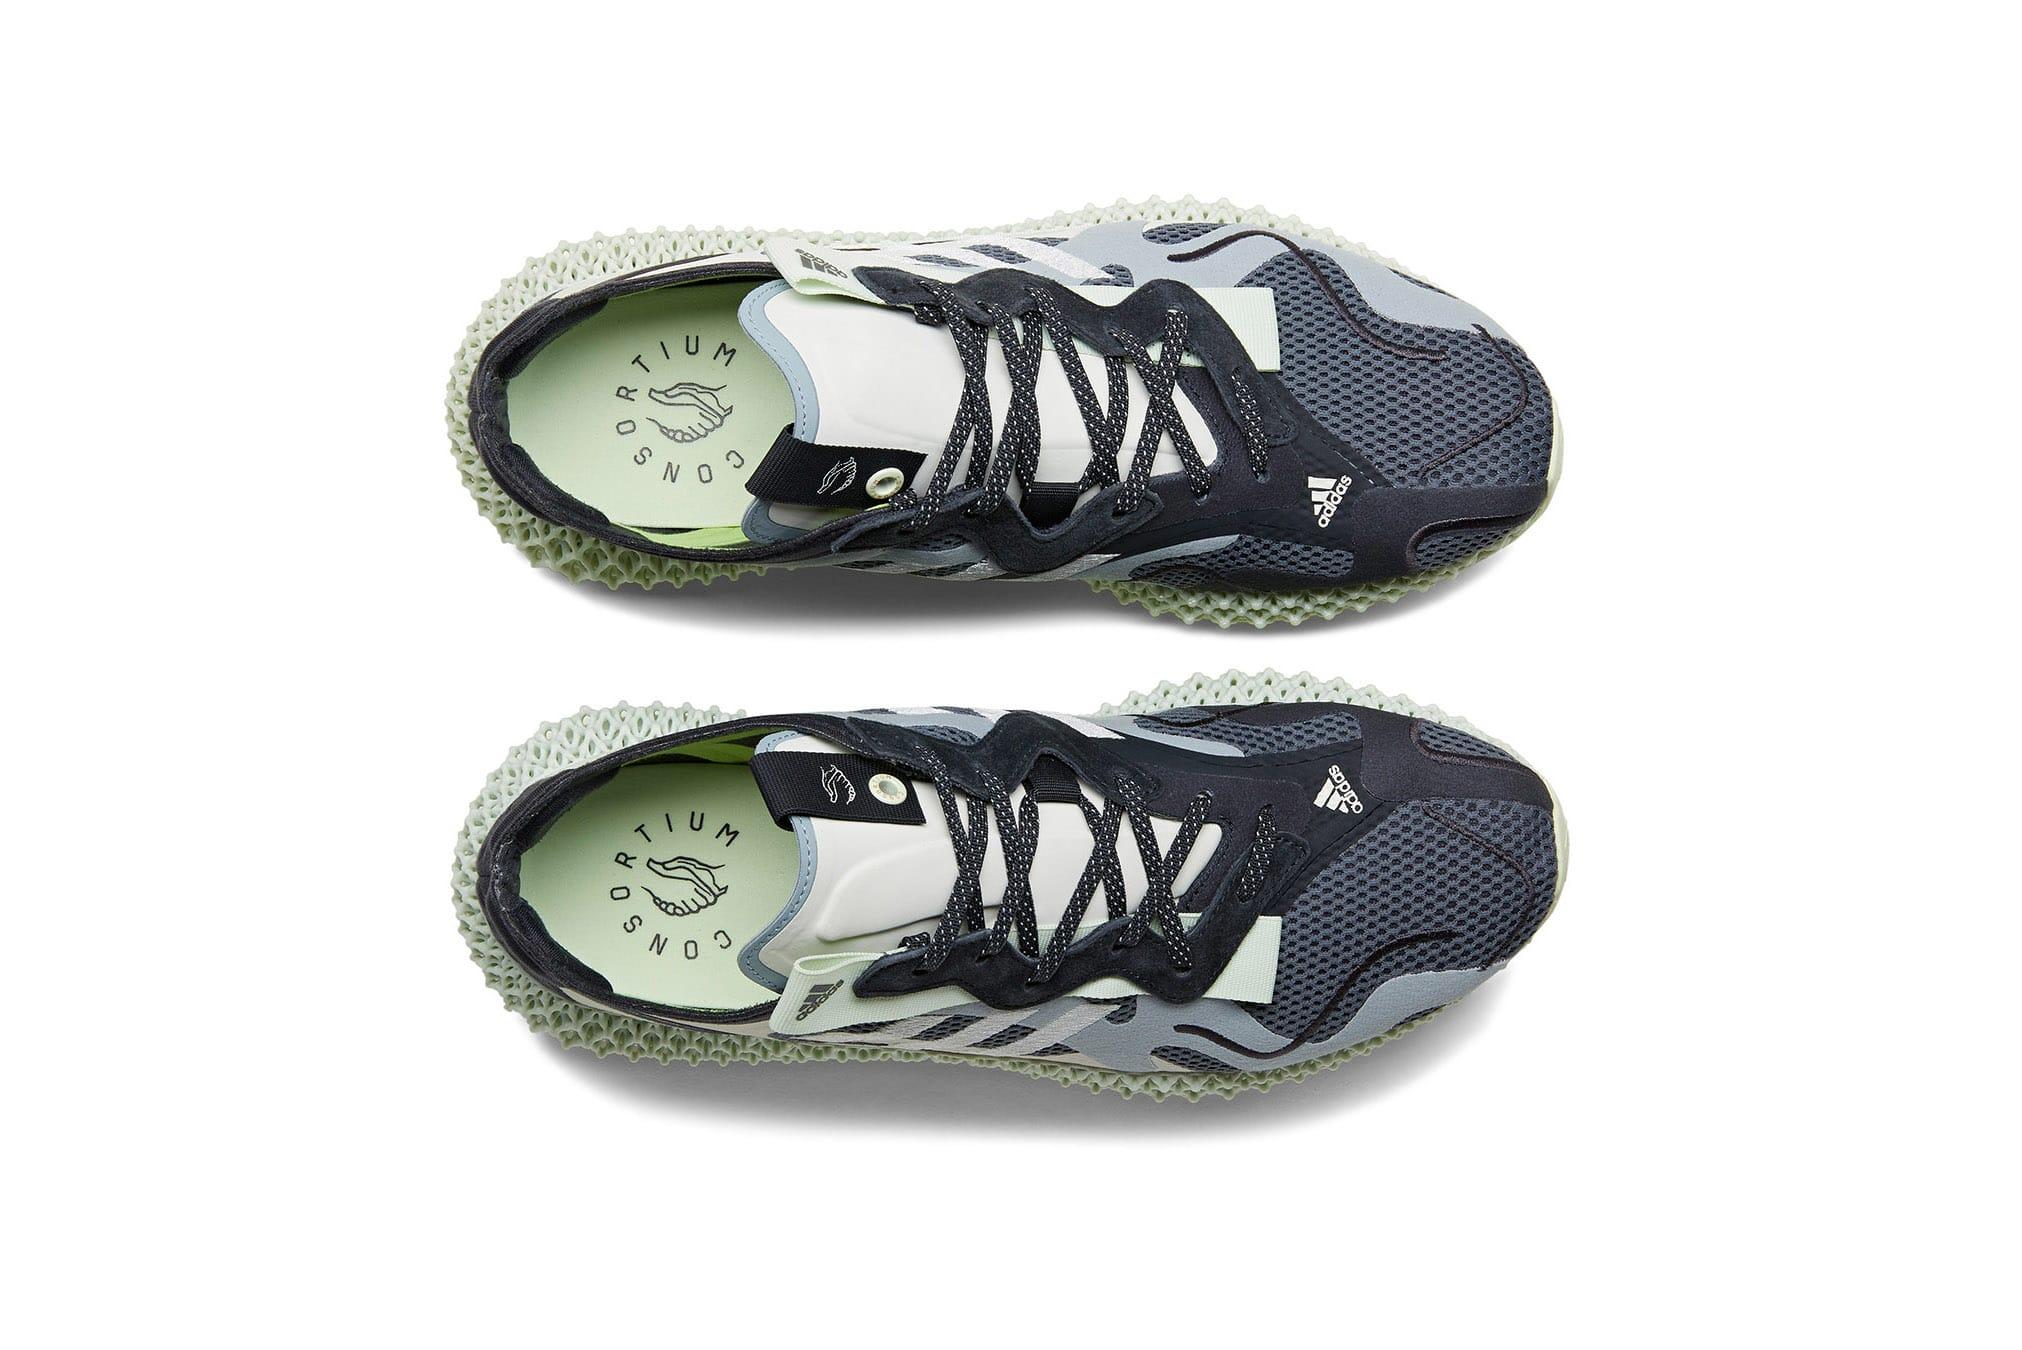 adidas Consortium Runner 4D V2 - EG6510